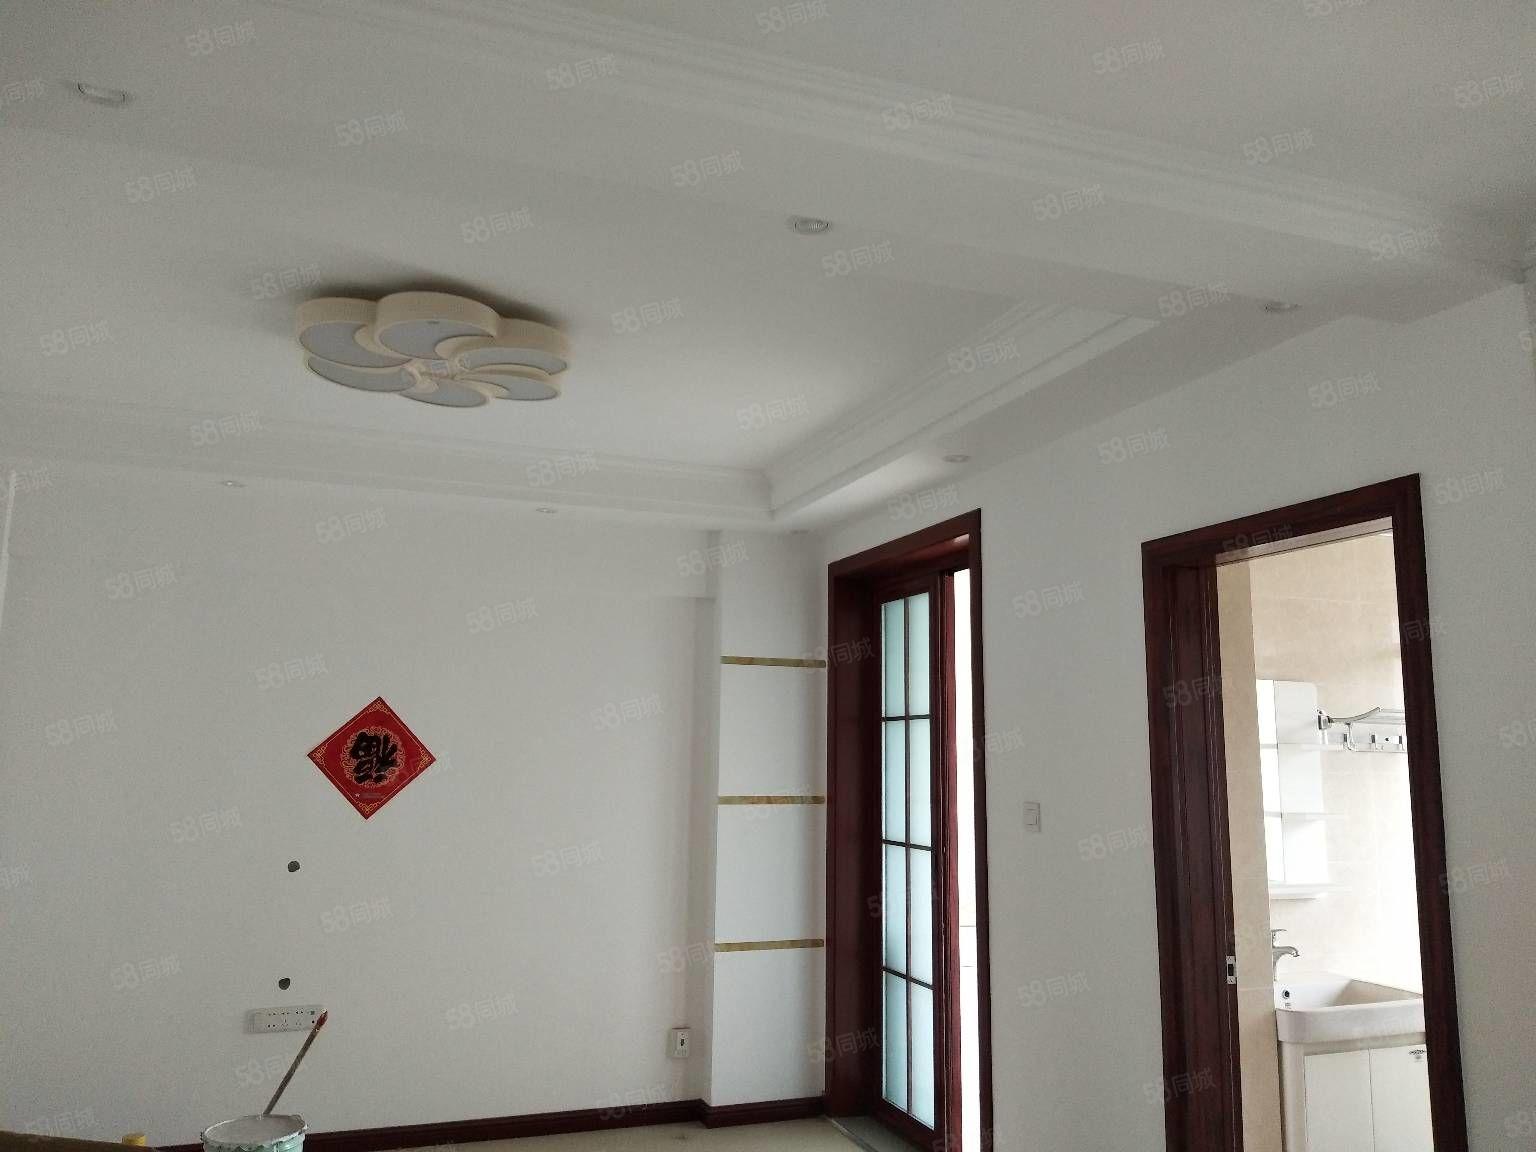 錦繡名苑小高層電梯房93平方兩室送書房送儲藏室精裝未住